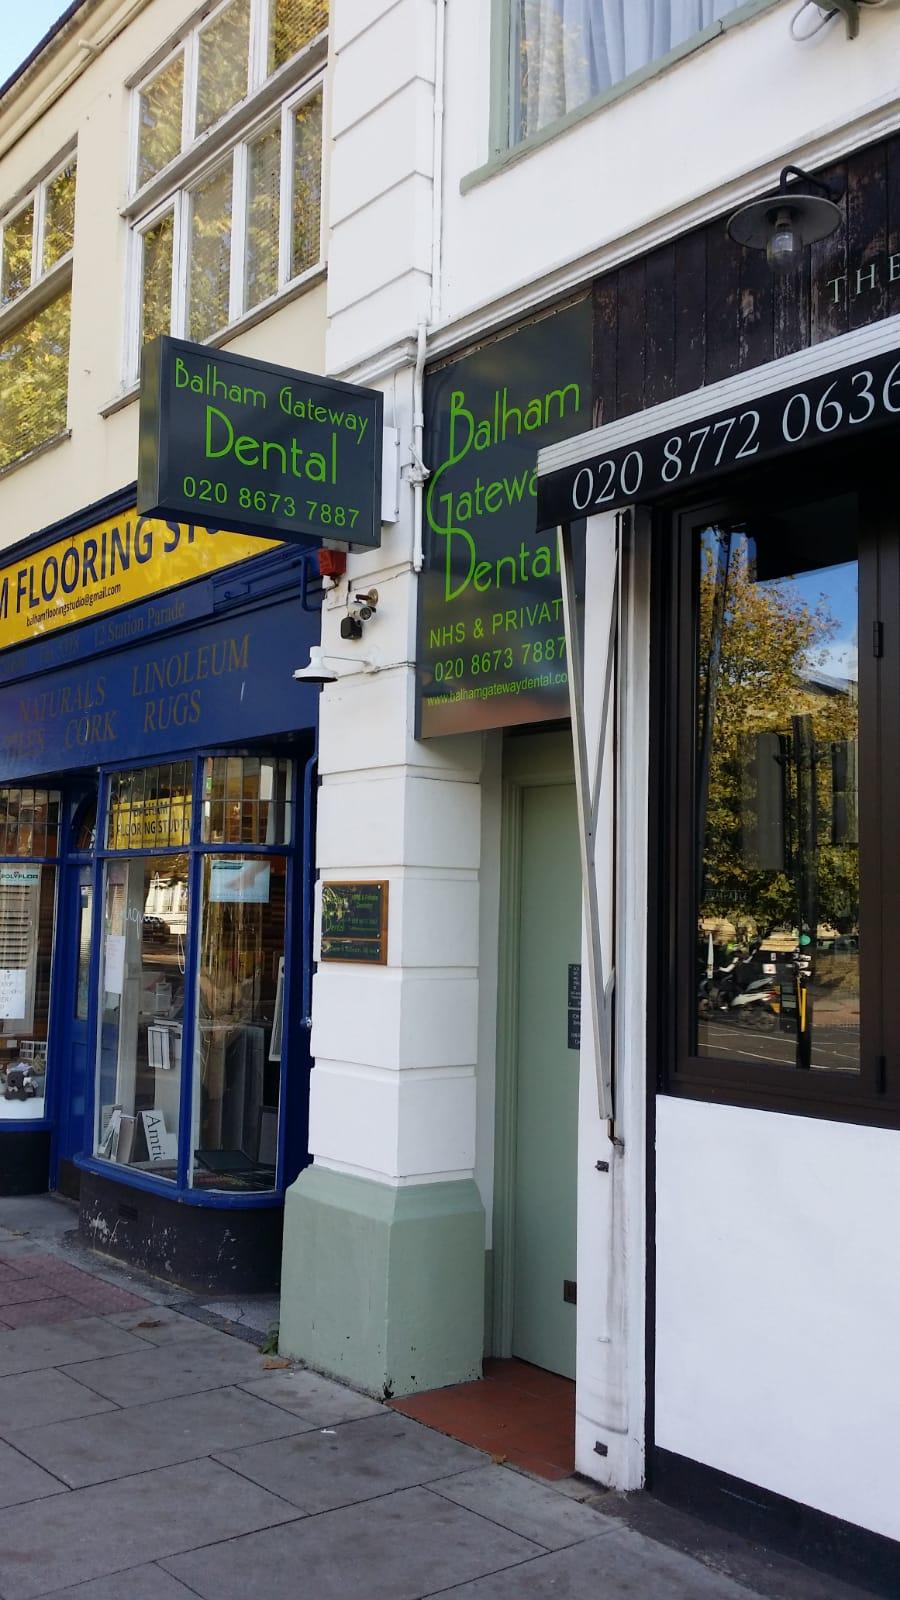 Balham Gateway Dental Practice